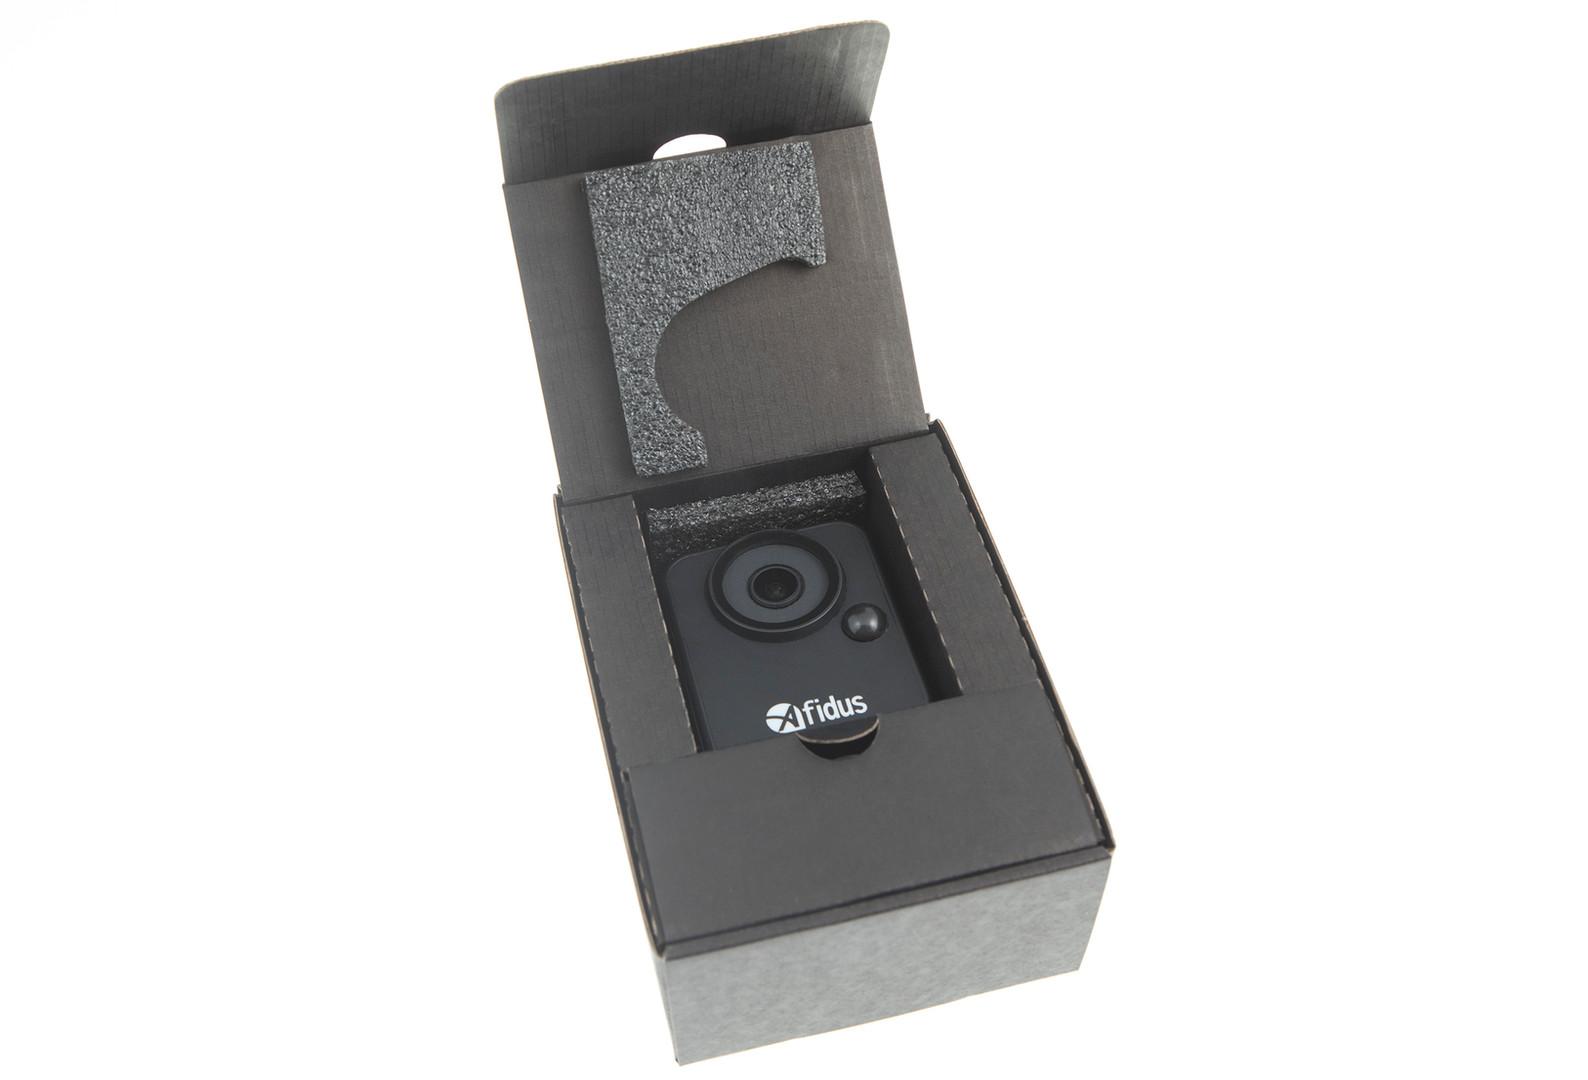 Afidus-Timelapse-Camera-Box-Open.jpg